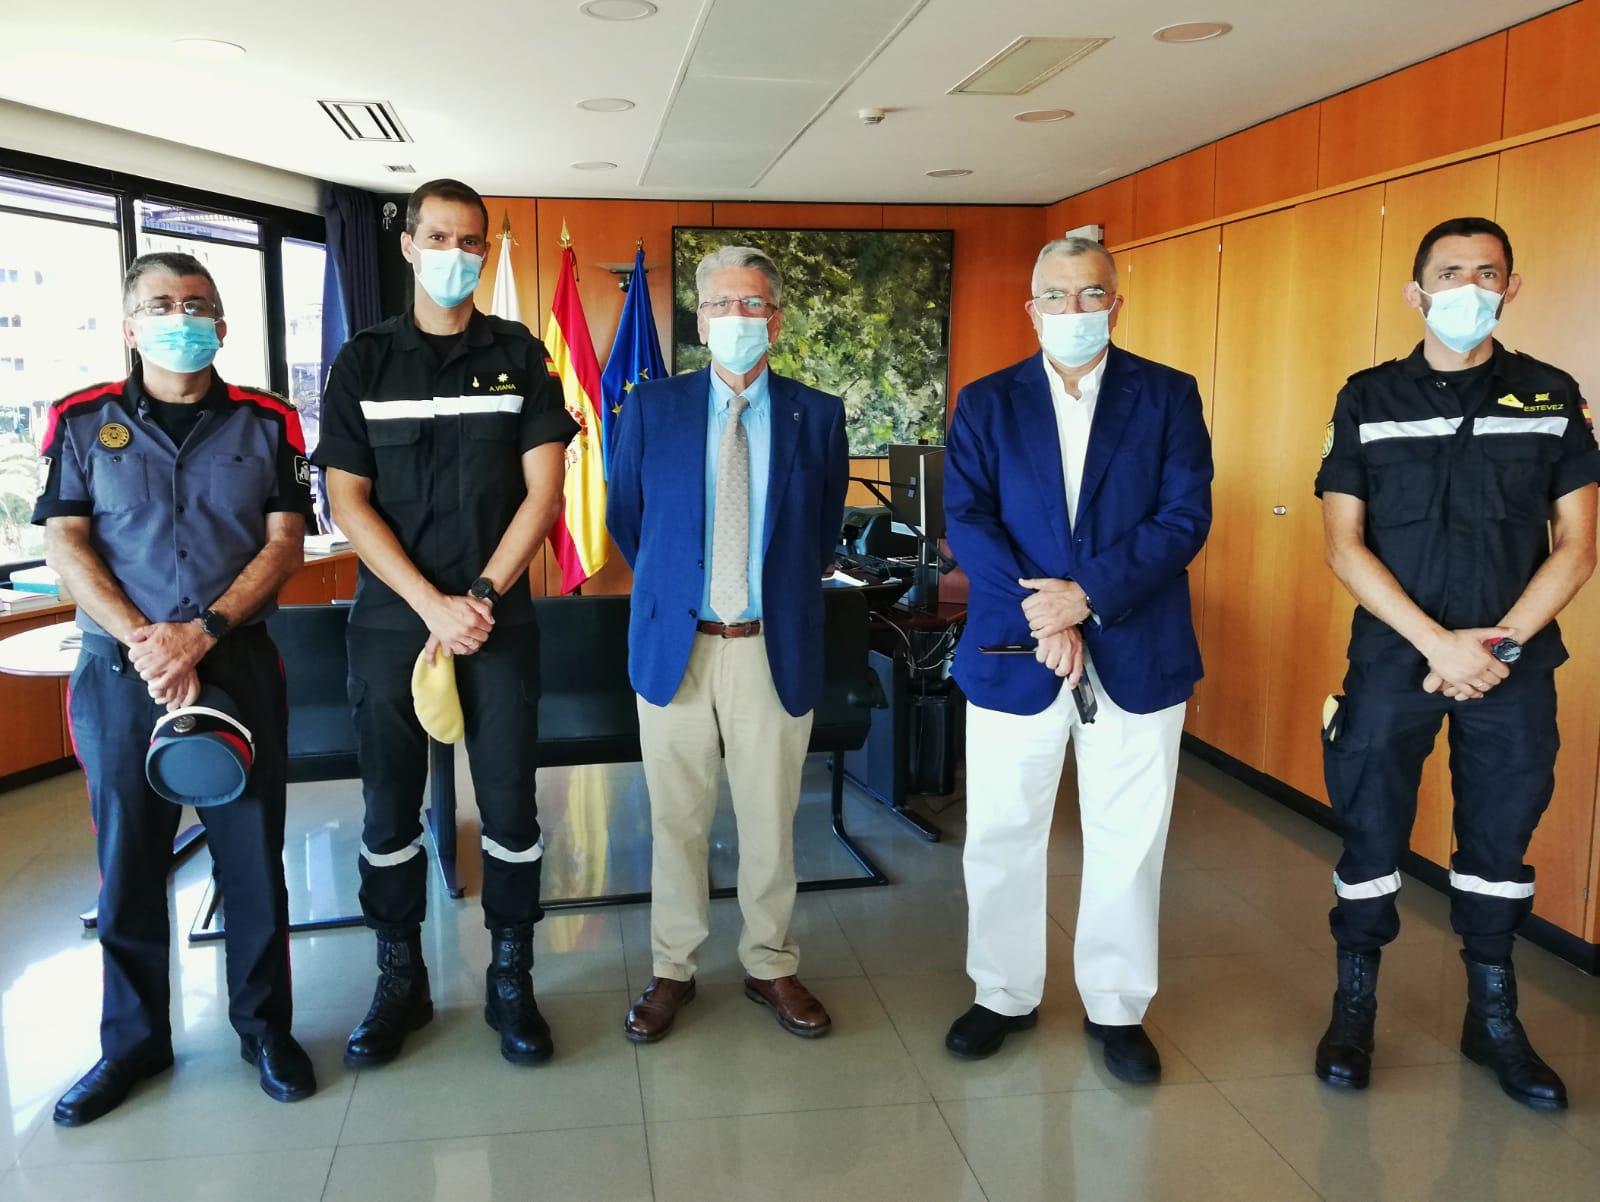 Pérez agradece la labor de Sergio A. Viana en su despedida como comandante jefe de la UME en Canarias